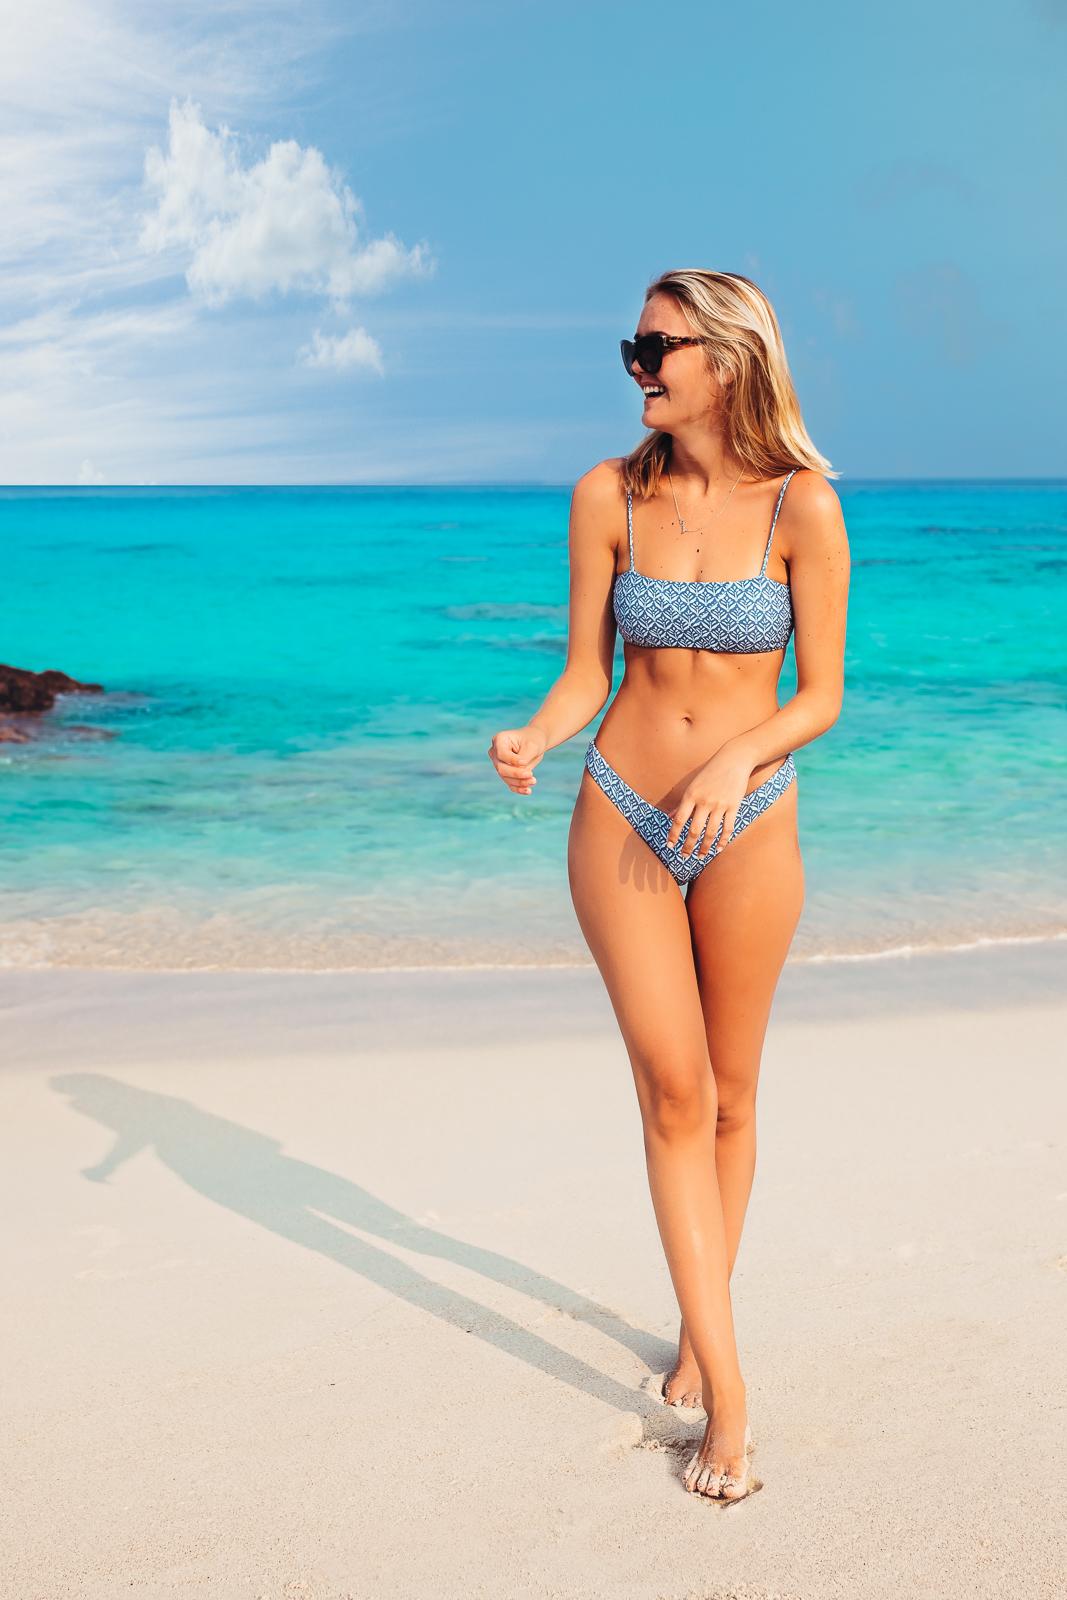 hawaii-swimsuit-beach-fashion-commercial-kailua-kona-photographer--alexklarc-photography.pg.jpg